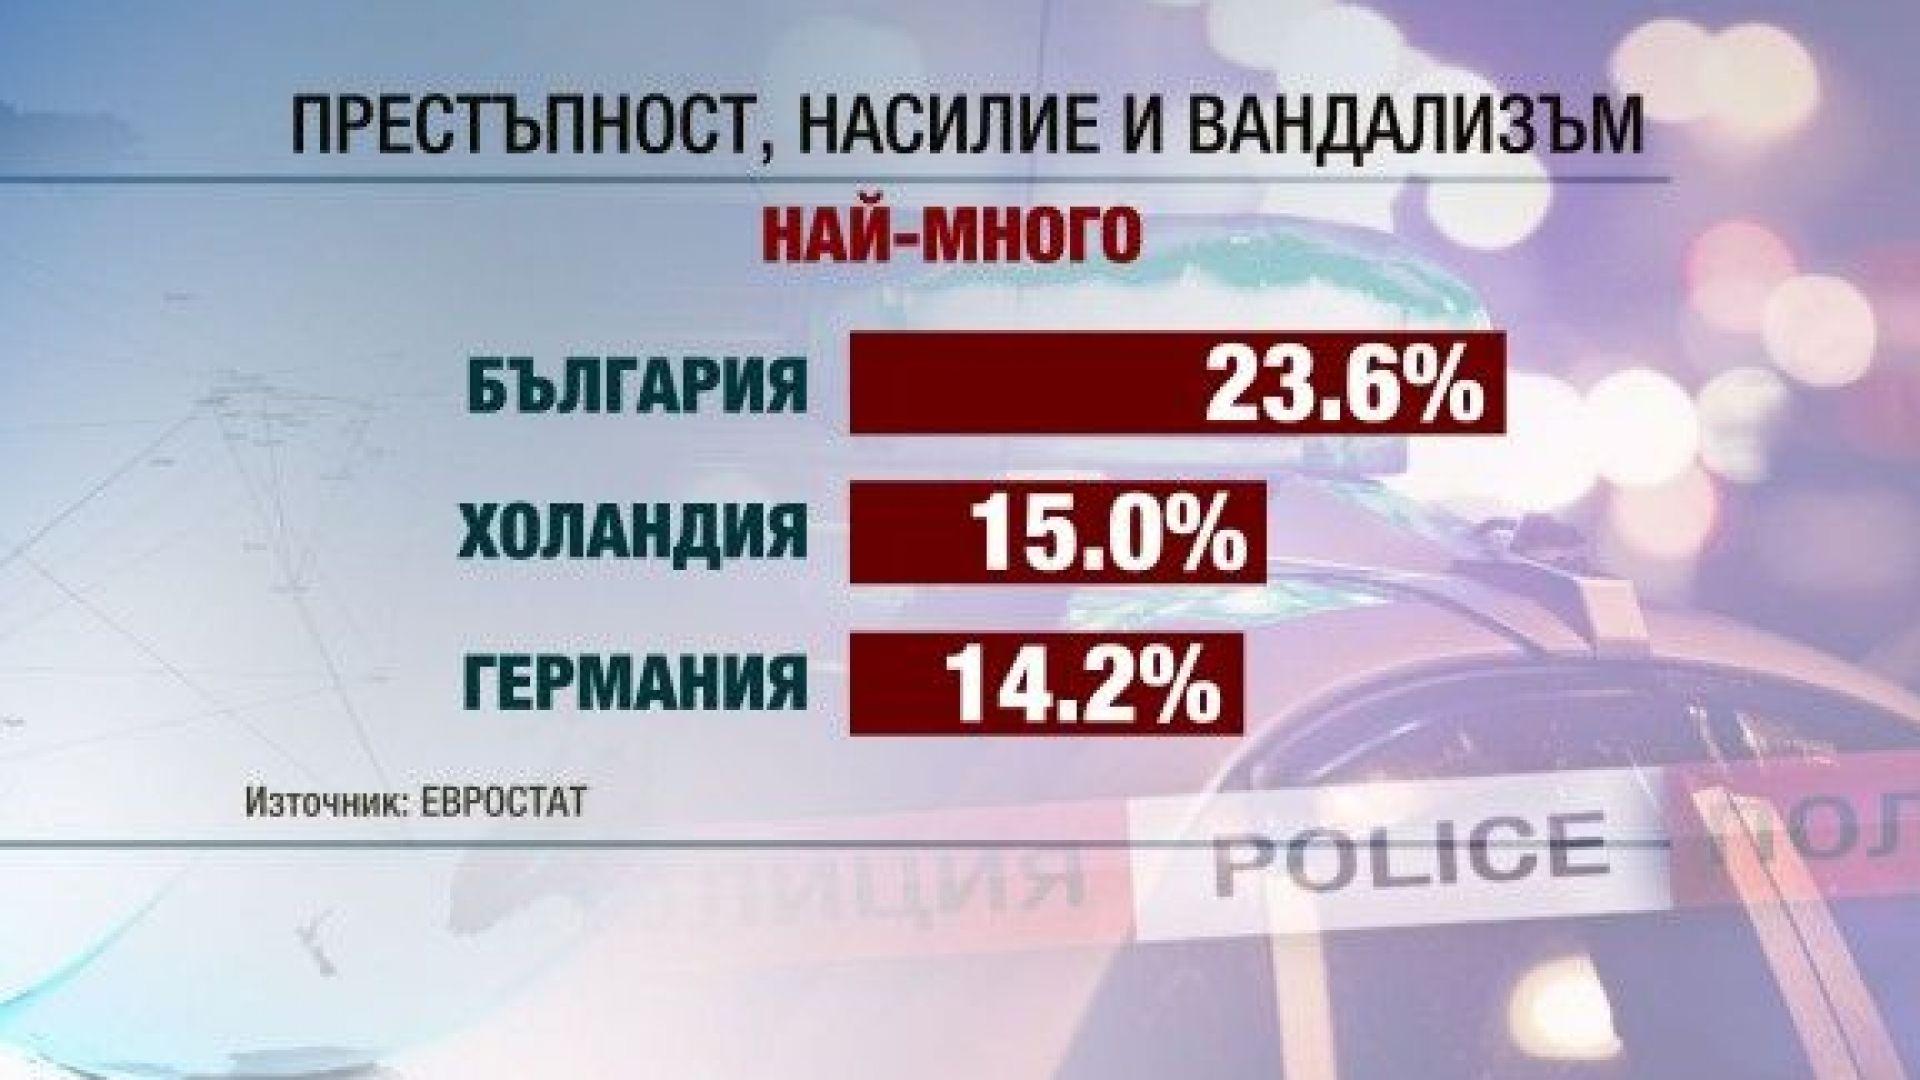 Евростат: България е №1 по престъпност, насилие и вандализъм